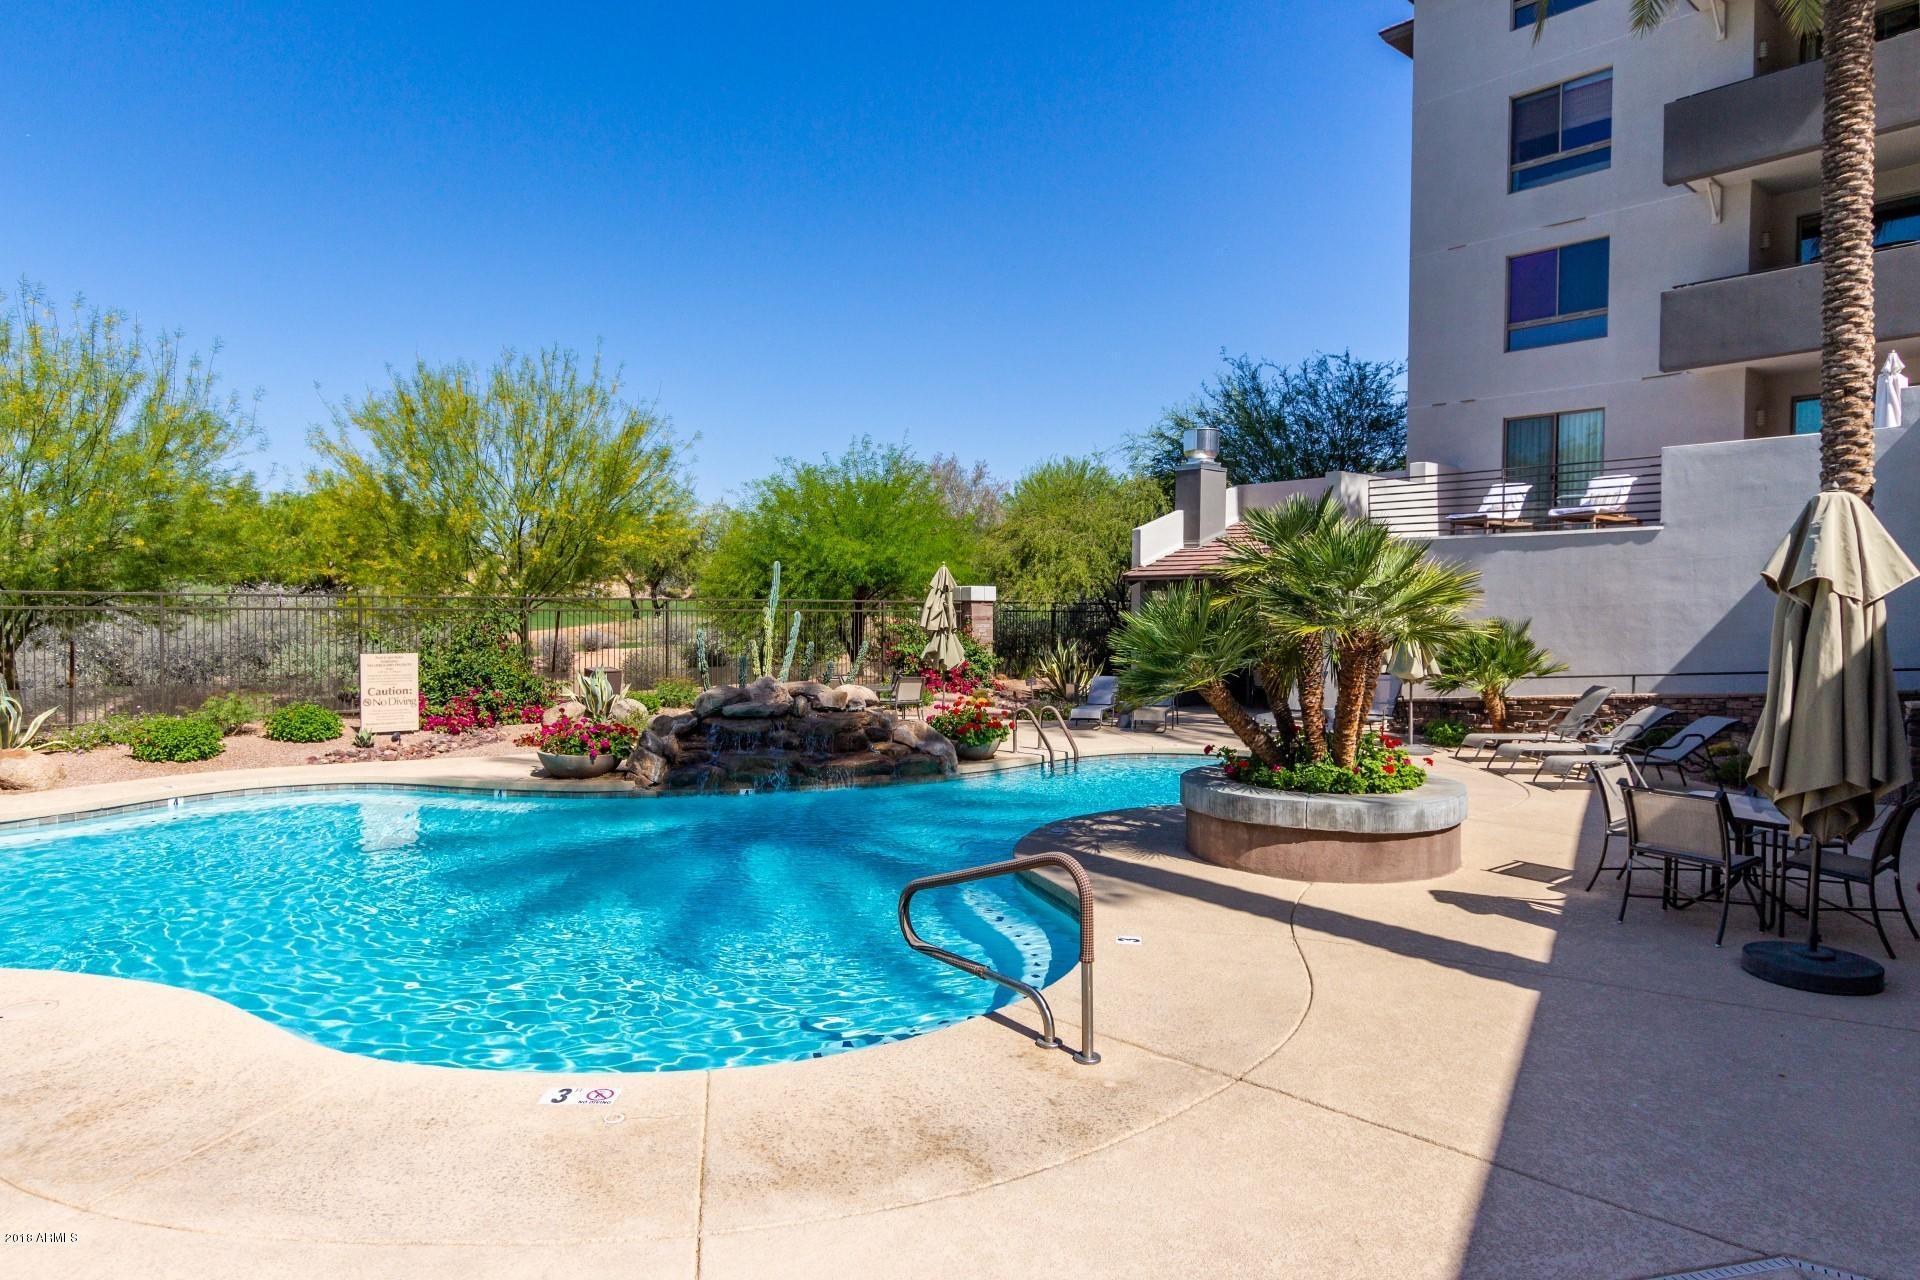 MLS 5755443 15802 N 71ST Street Unit 201 Building Tower I, Scottsdale, AZ 85254 Scottsdale AZ Kierland